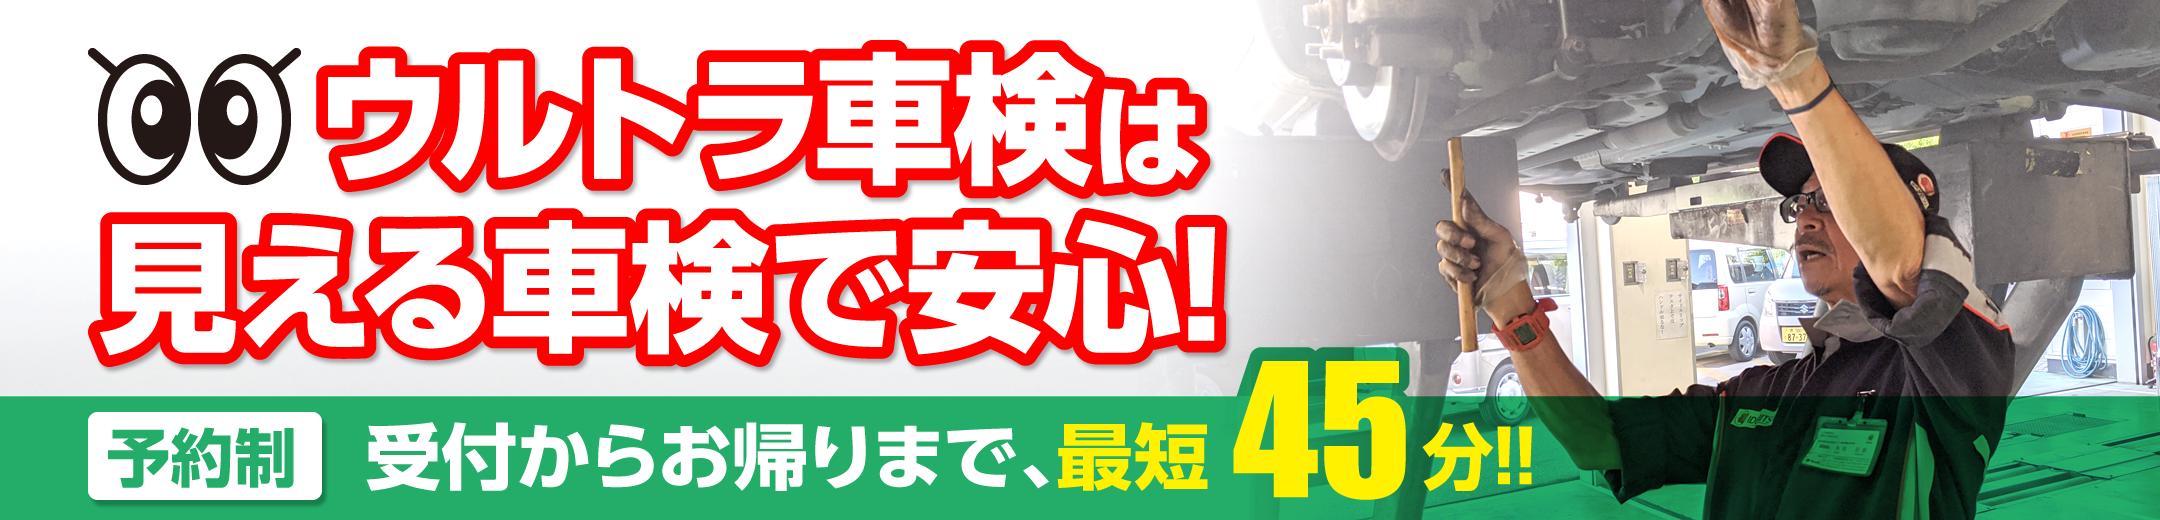 ウルトラ車検岸和田貝塚の流れ